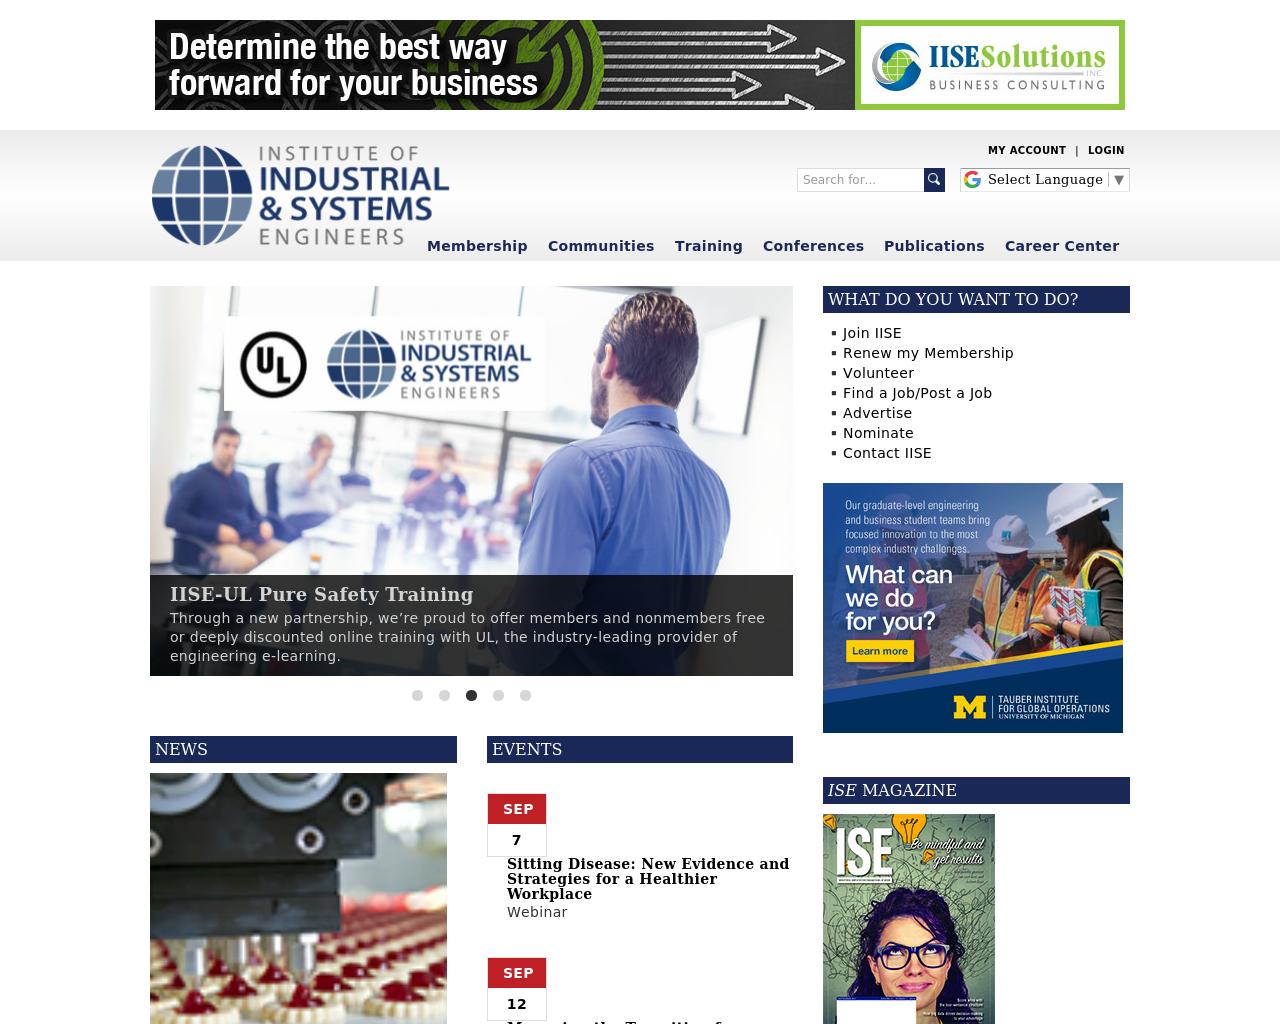 IIE-(Institute-Of-Industrial-Engineers)-Advertising-Reviews-Pricing